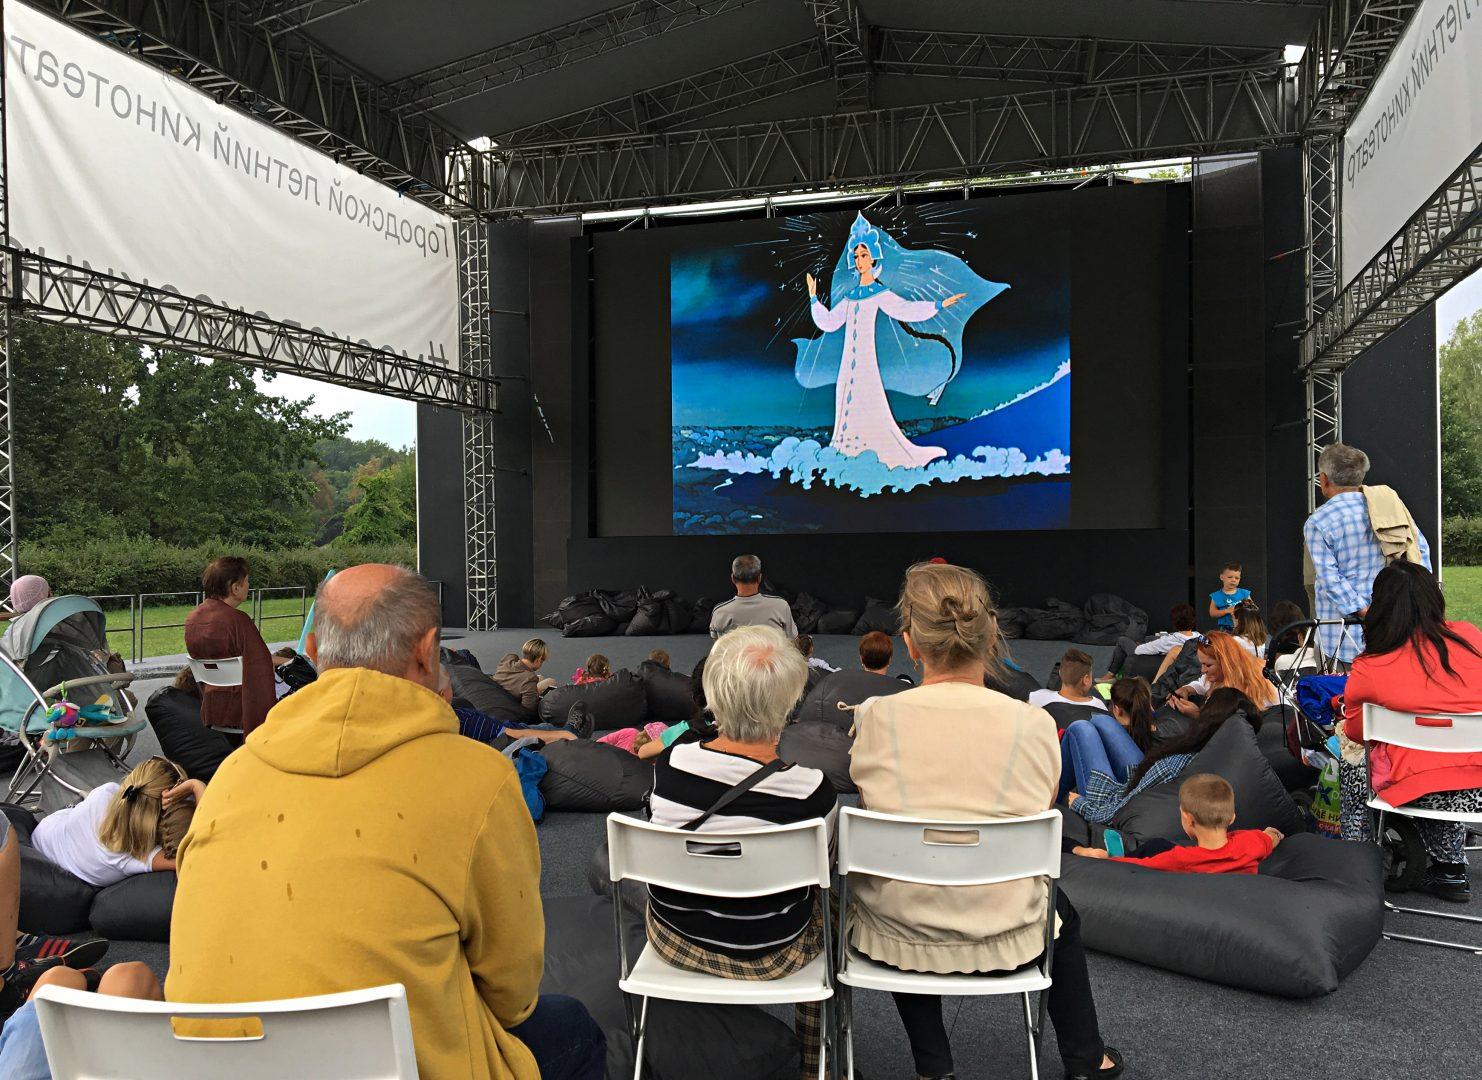 Кино и активный отдых: жители Новой Москвы смогут посетить кинофестиваль и спортивные соревнования. Фото: Анна Быкова